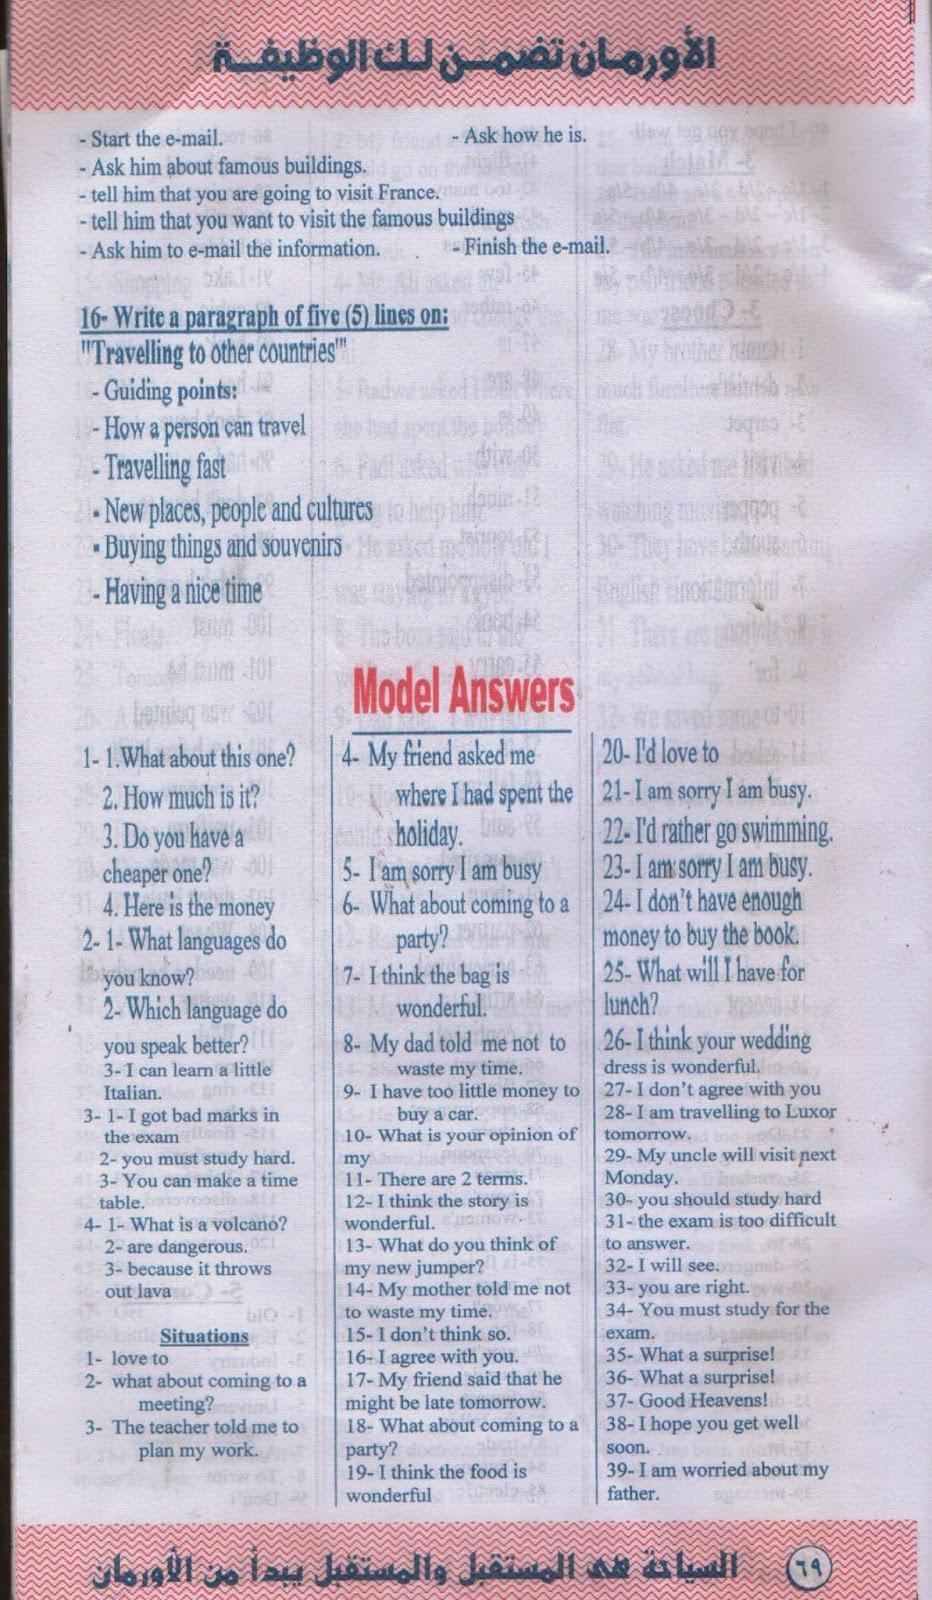 مراجعة انجلش وكمبيوتر ترم 2 الثالث الإعدادى 10.jpg